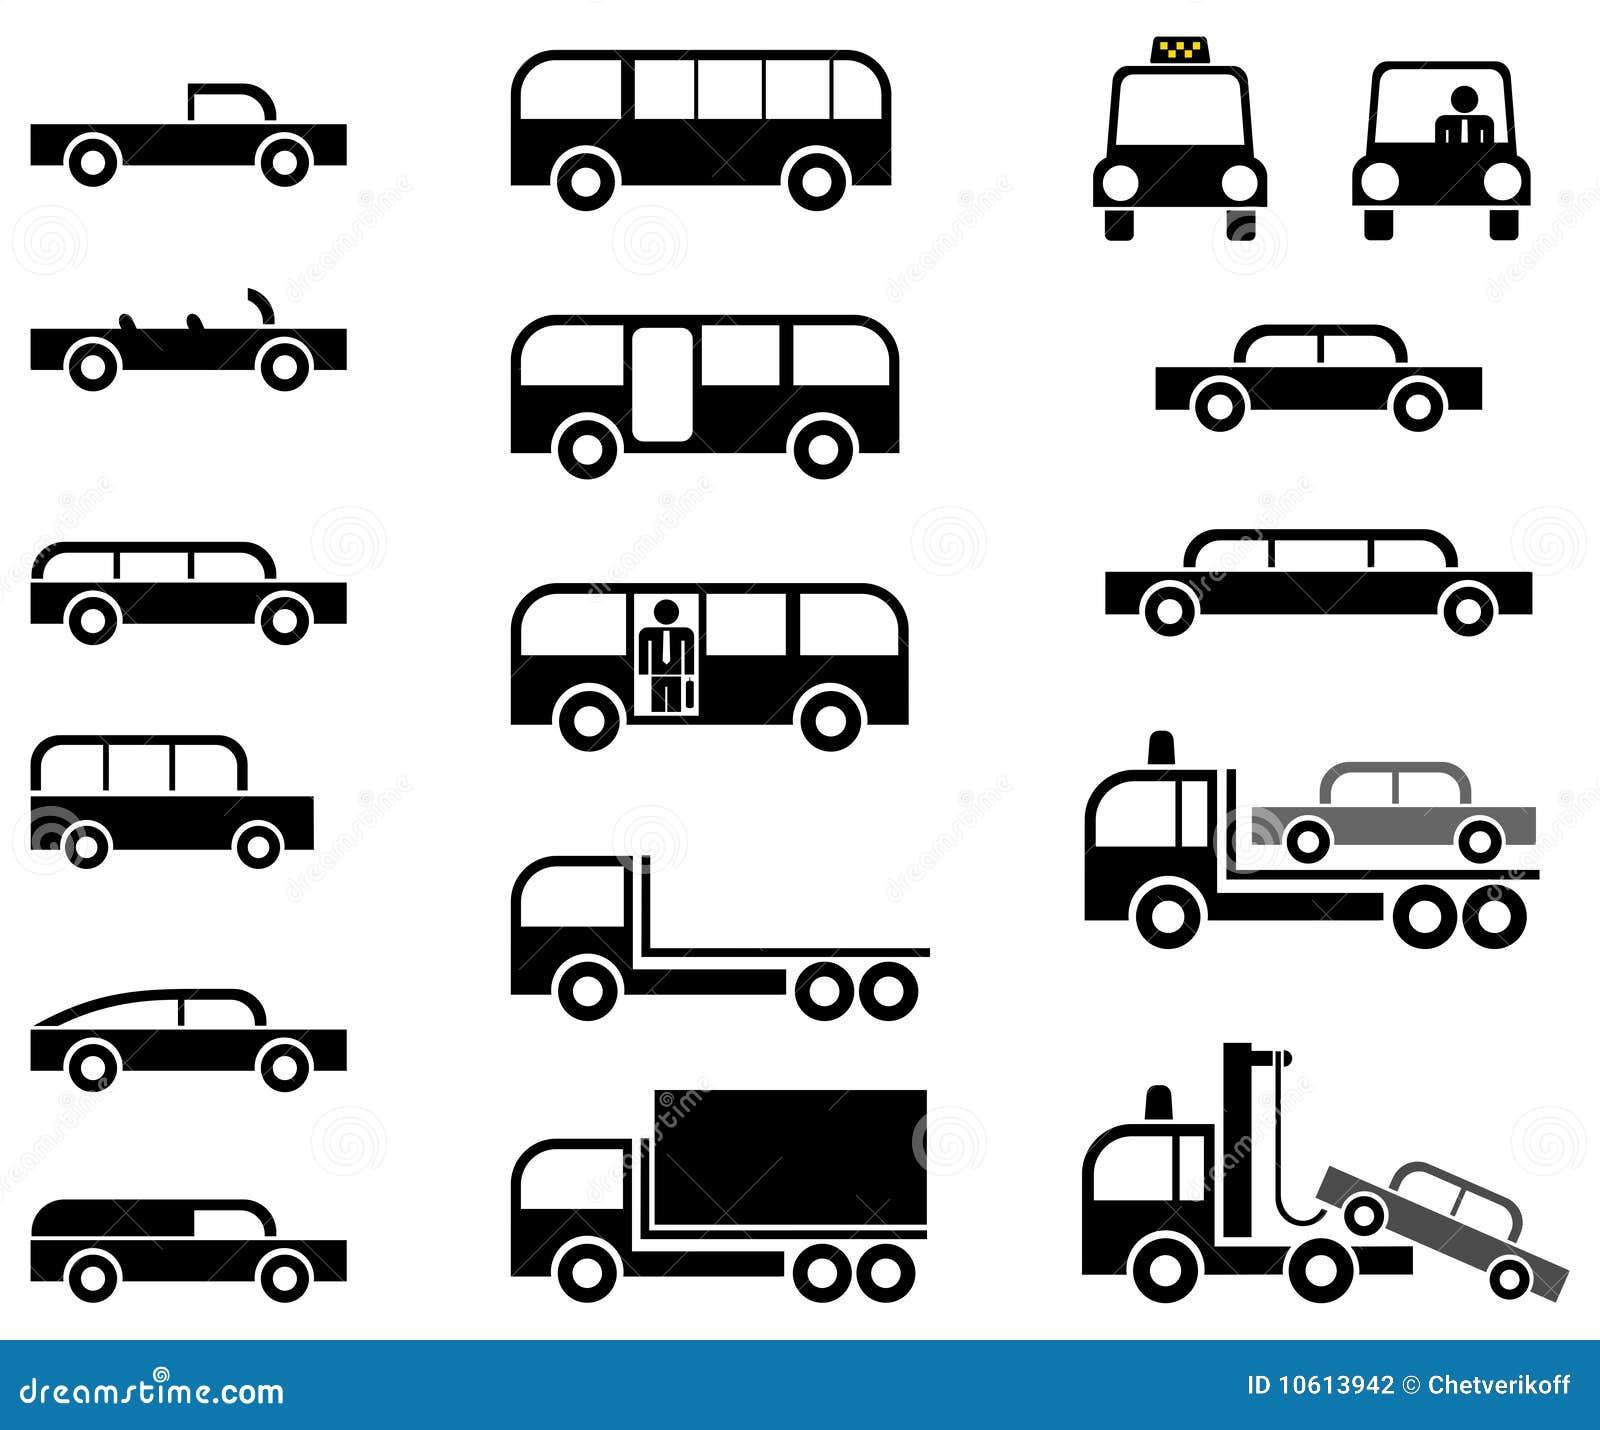 货车模型-机体公车运送汽车汽车不同的图表被传统化的拖车类型